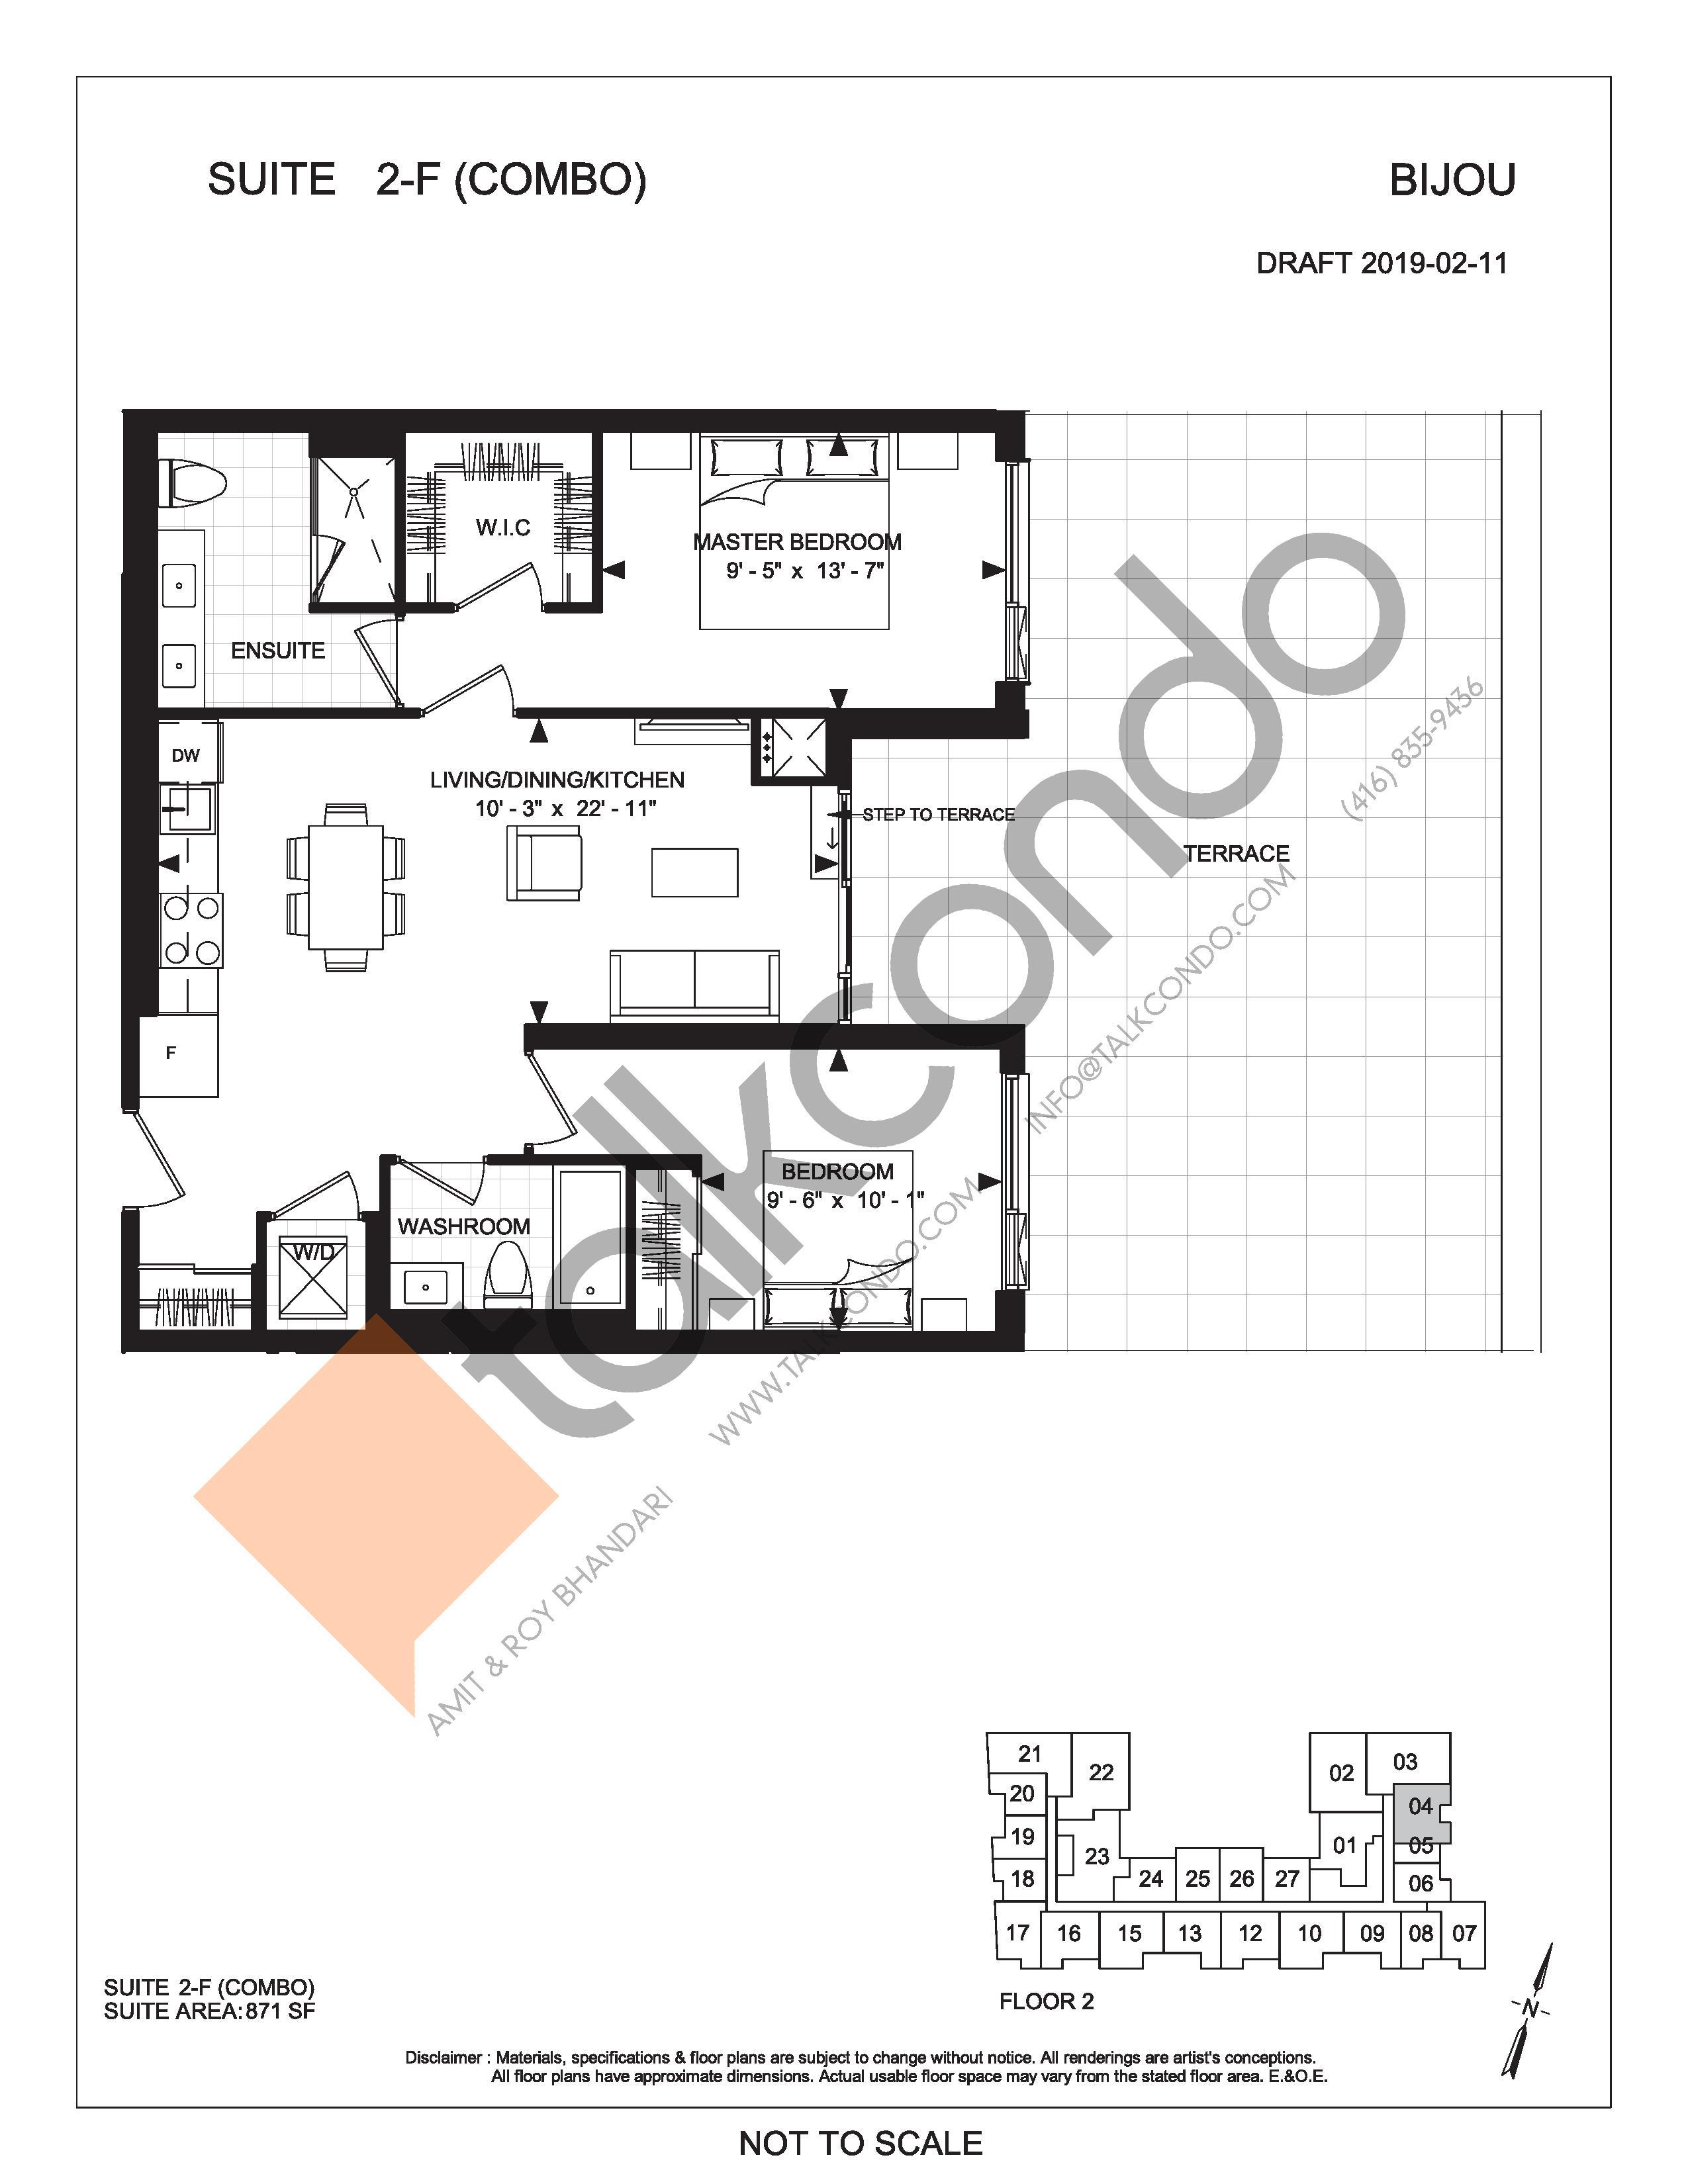 Suite 2-F (Combo) (Terrace) Floor Plan at Bijou On Bloor Condos - 871 sq.ft